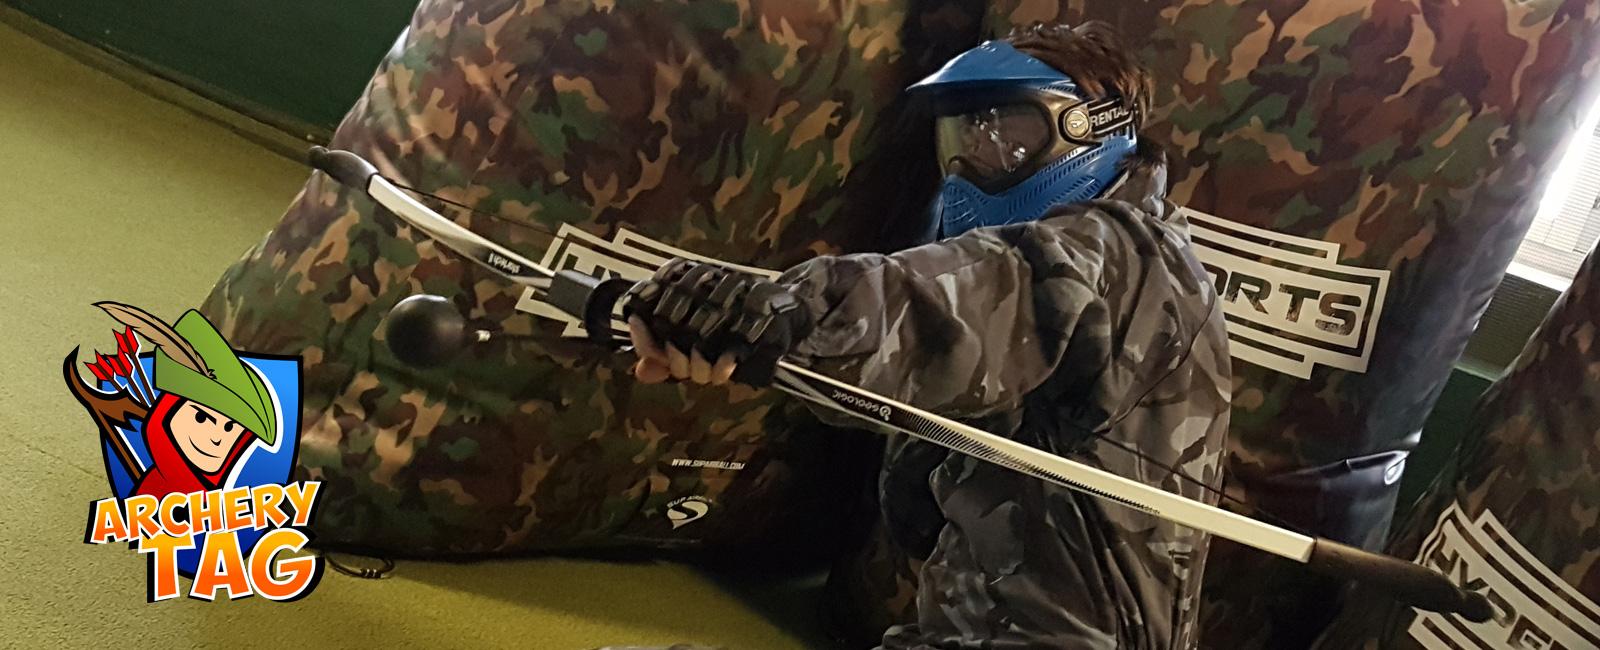 Archery Tag, även känt som Combat Archery, Action Archery, Archery Attack osv.